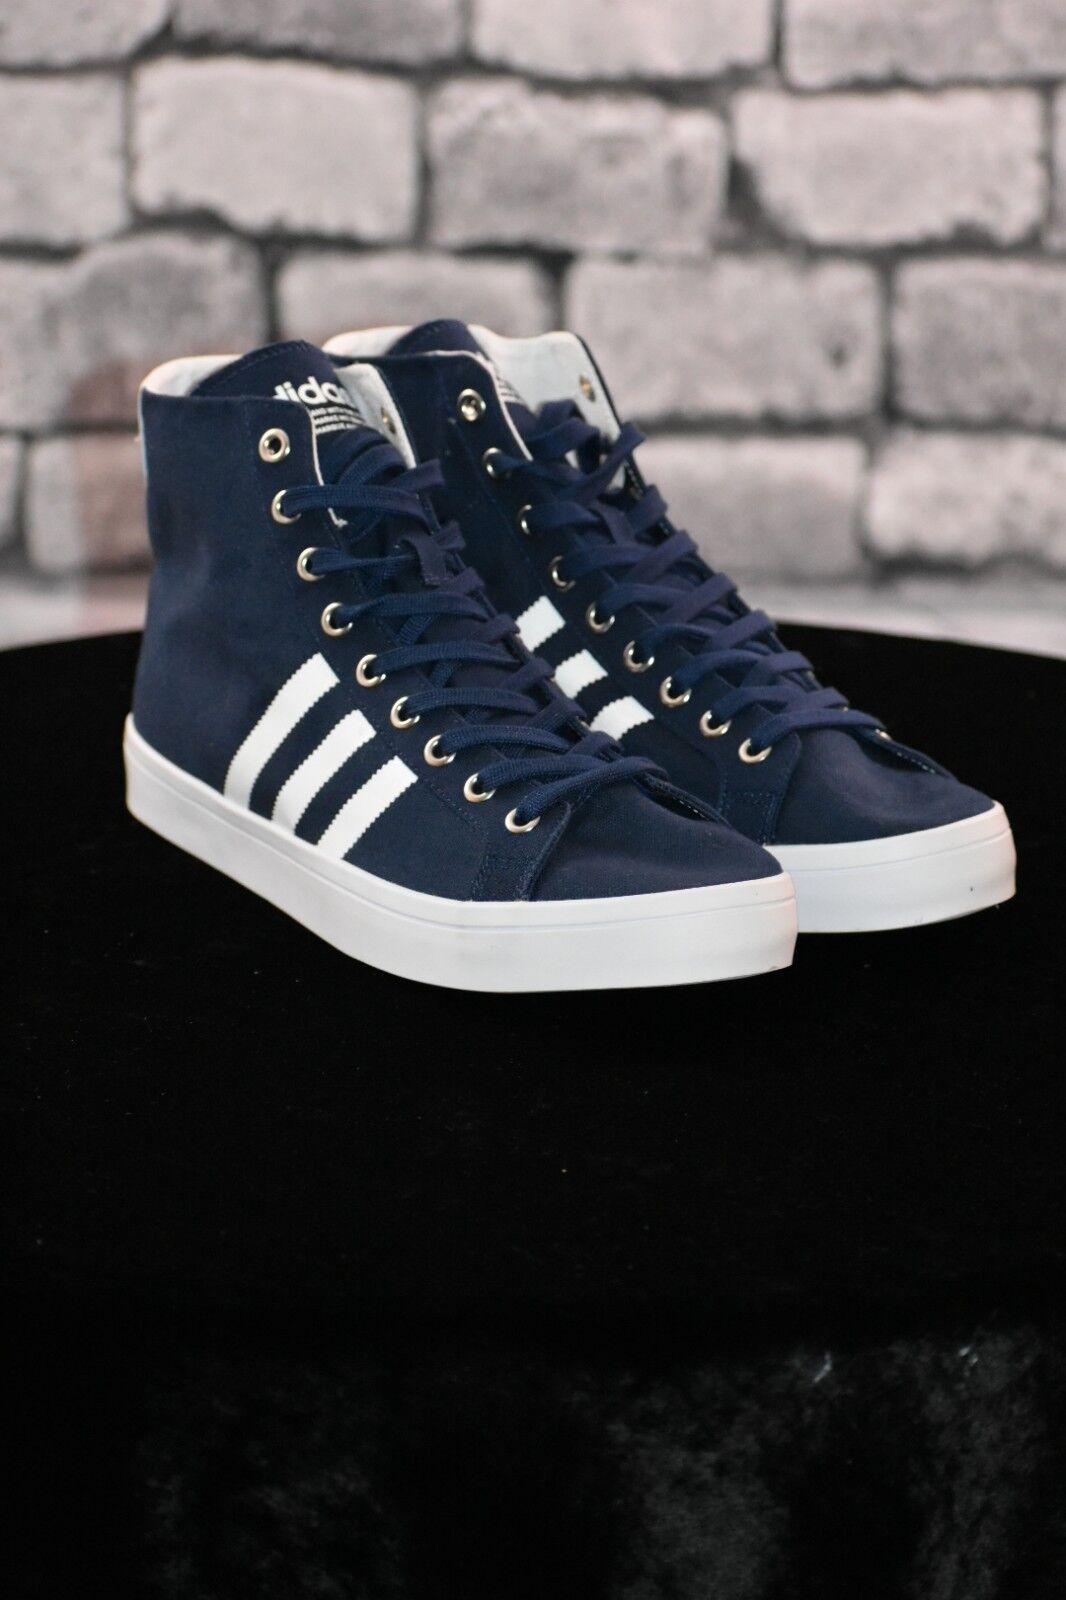 adidas originals gericht weiß vantage mitte männer turnschuhe weiß gericht / blau größe us13 1d08f3